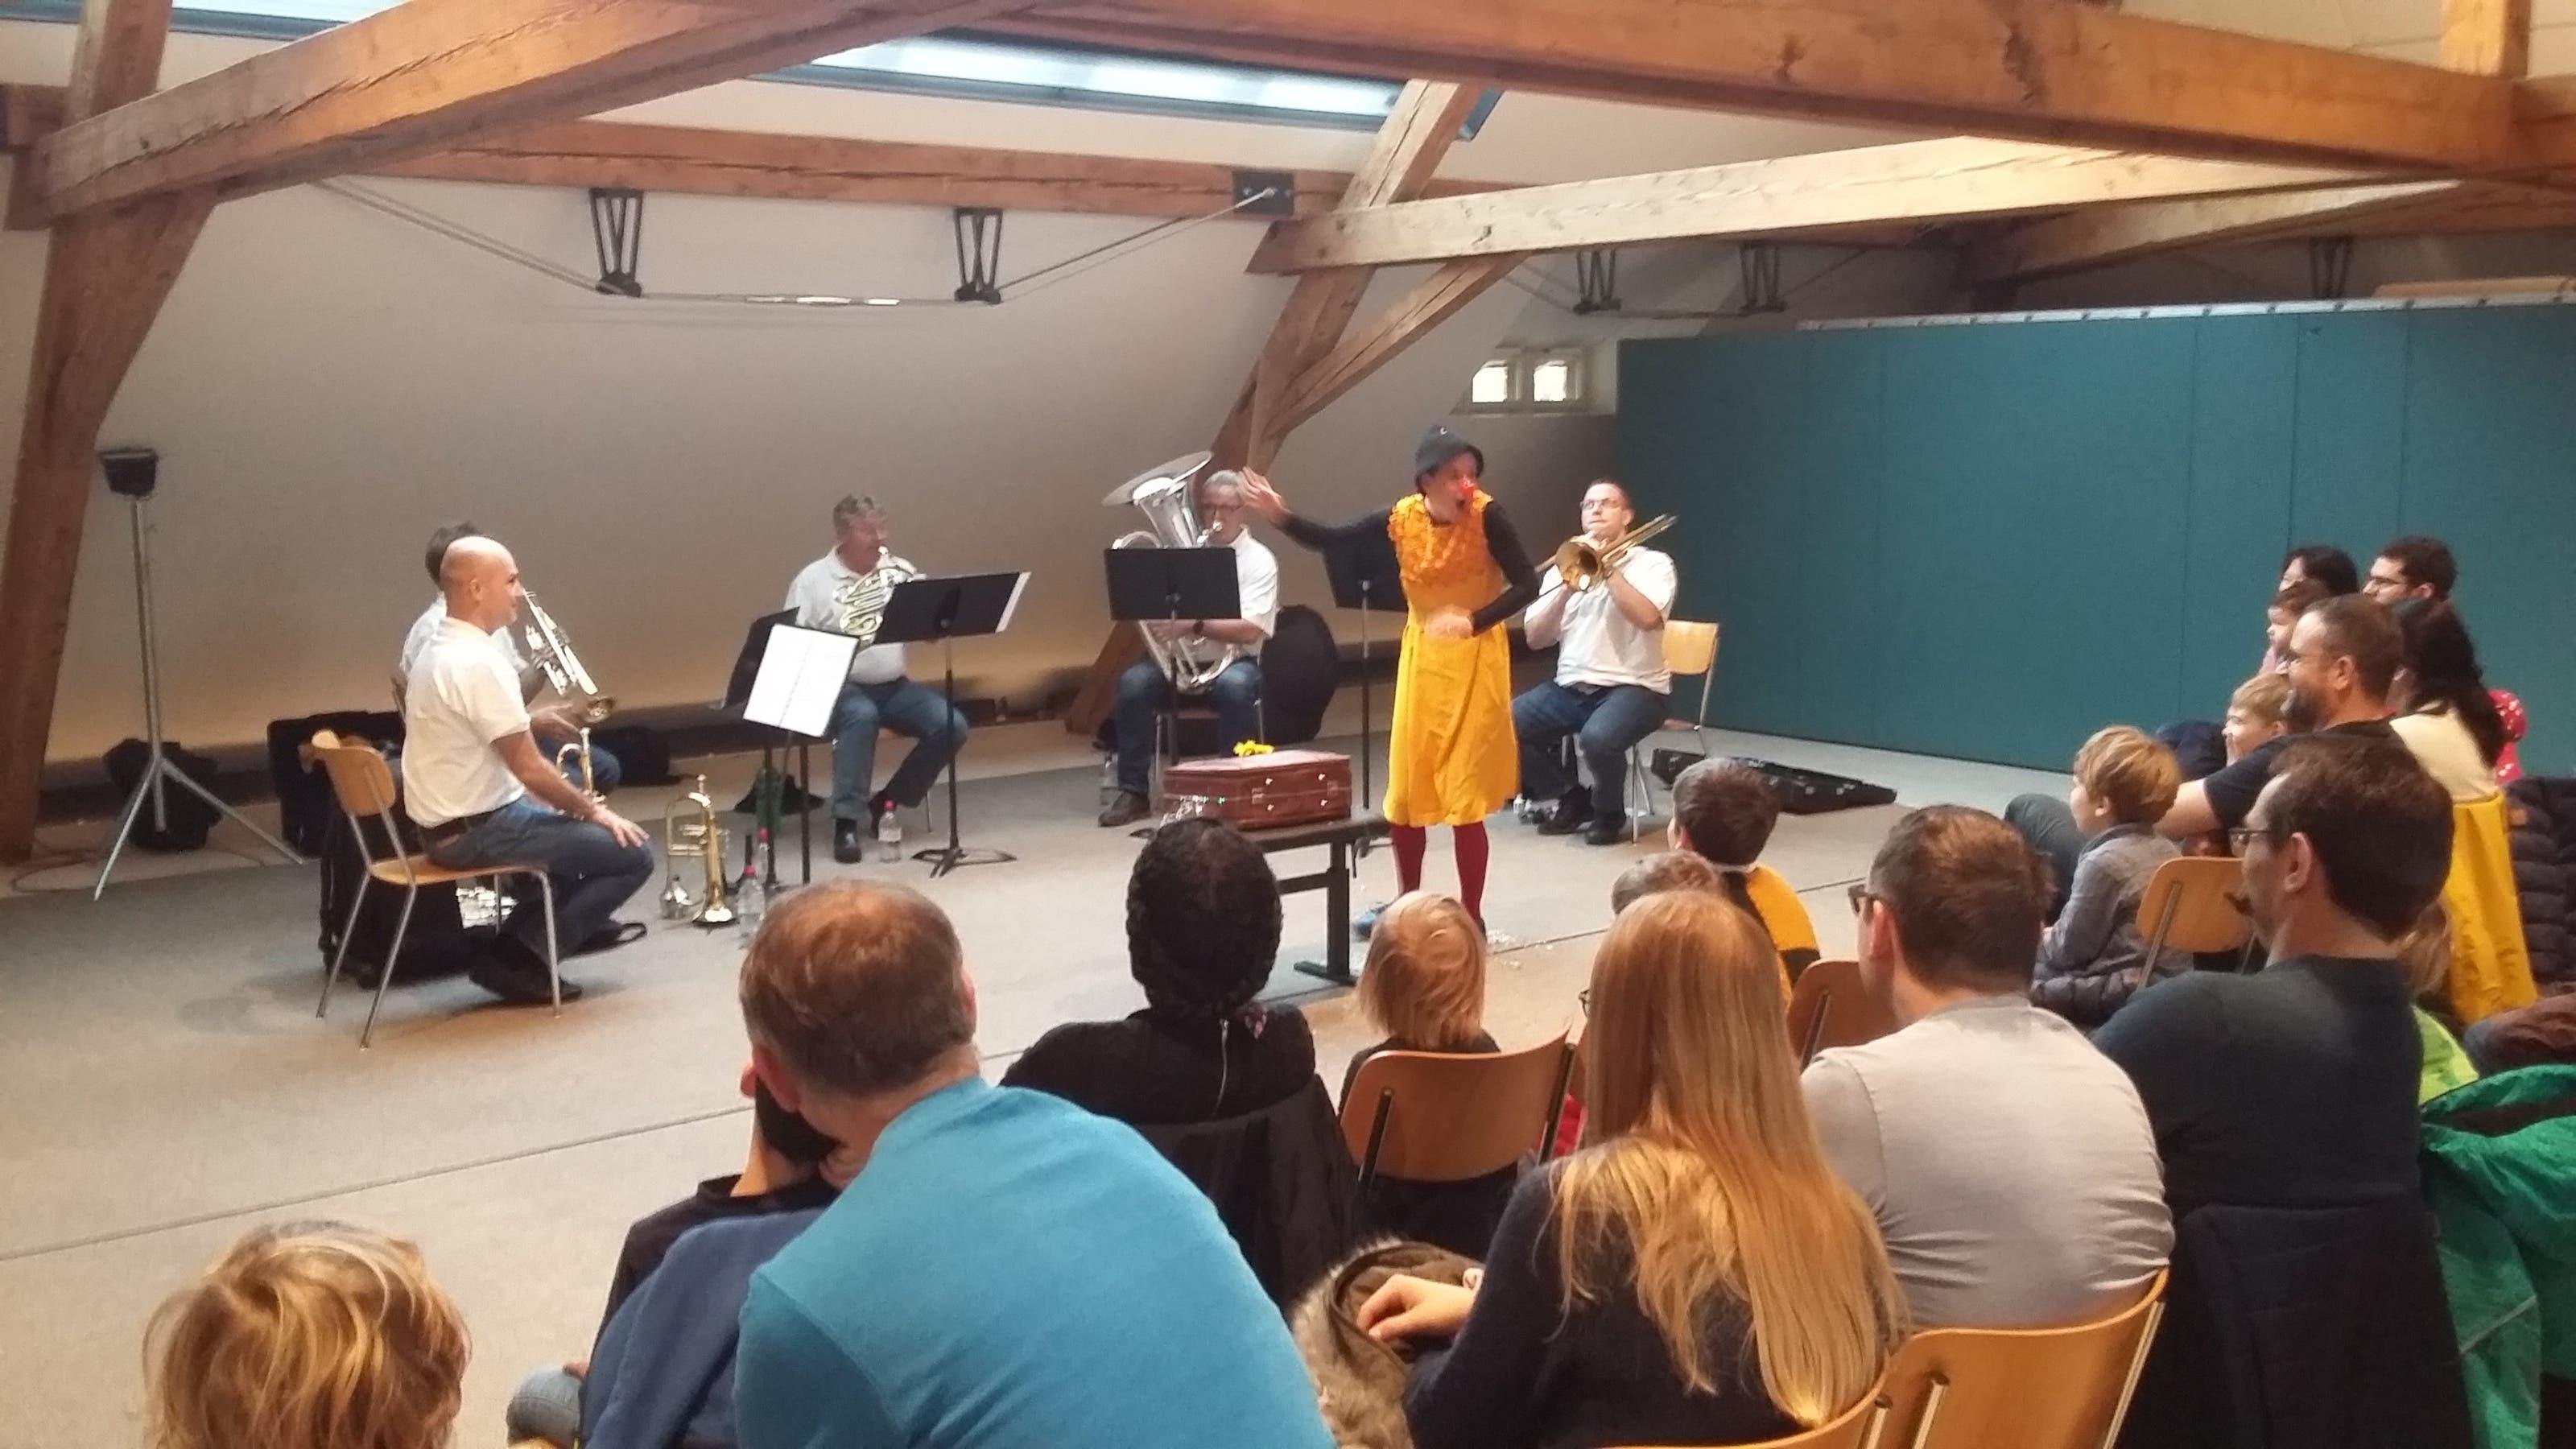 «Waldhirn und Saupone» in der Musikschule Clown Flupp stellt die einzelnen Instrumente vor.